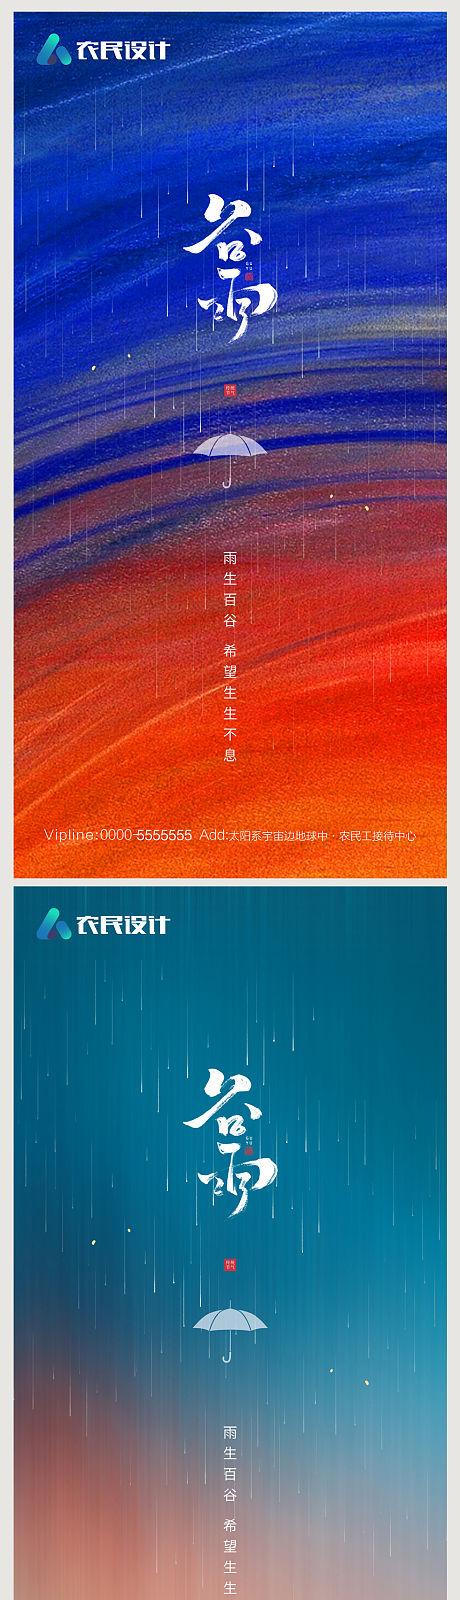 谷雨节气海报系列